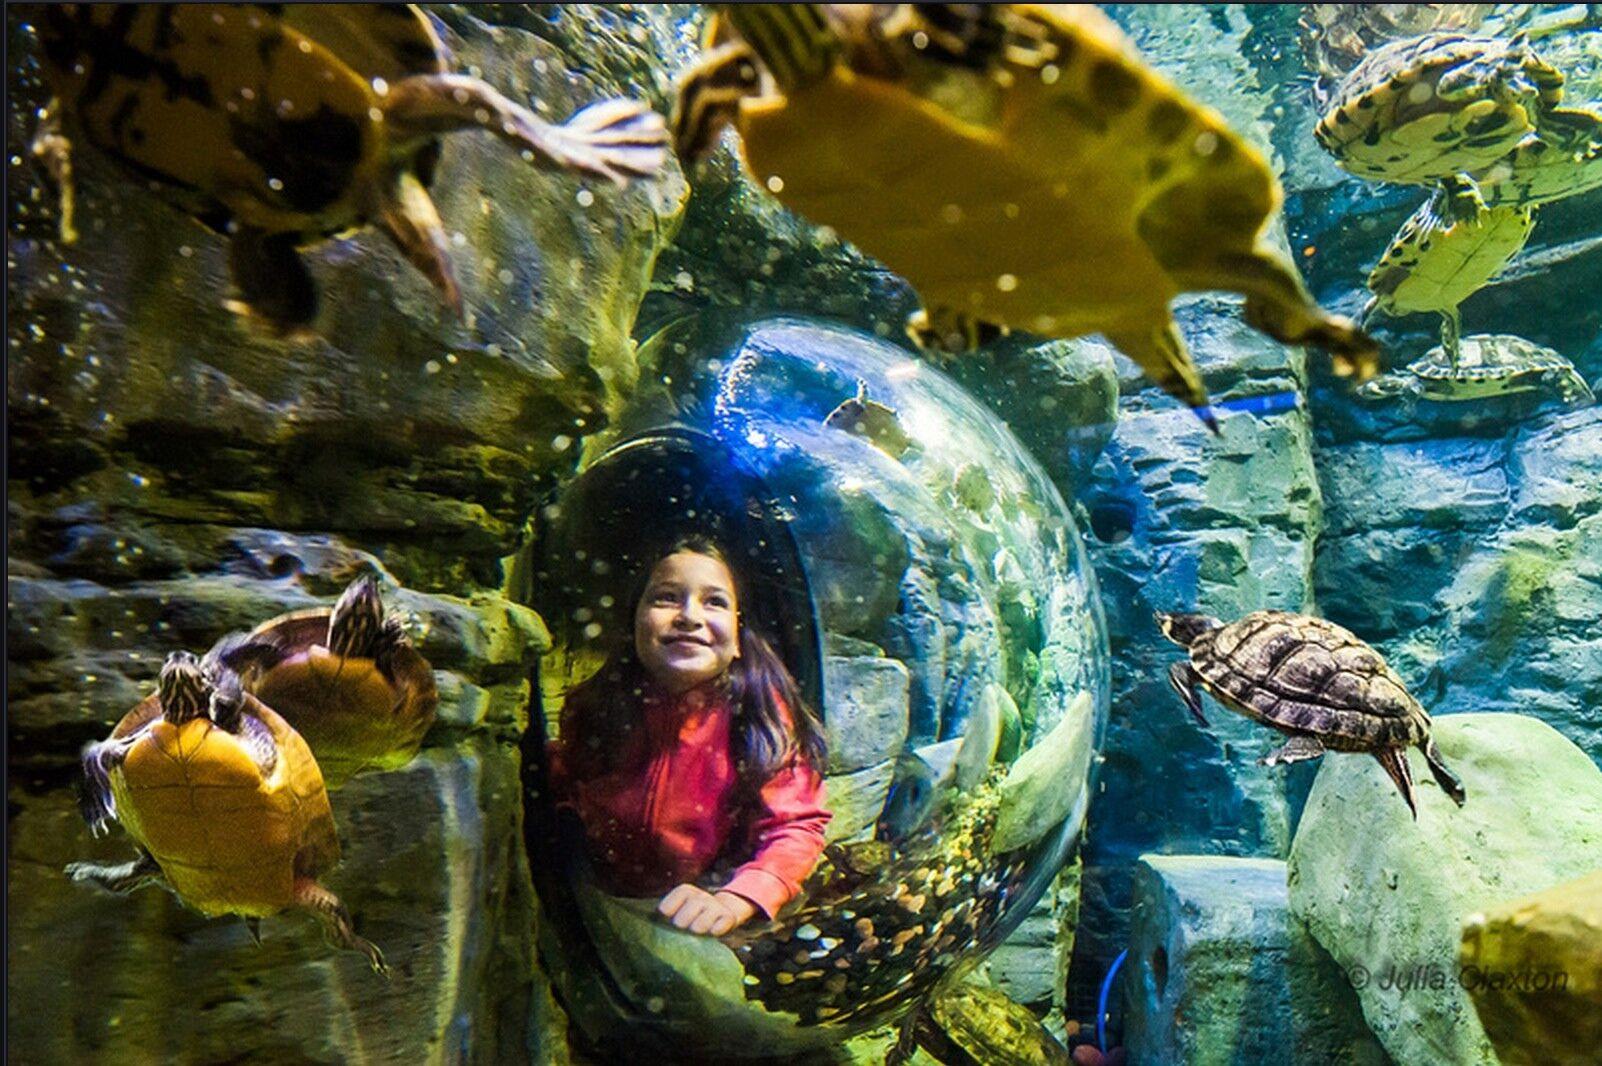 San Antonio's newest aquarium shares construction update